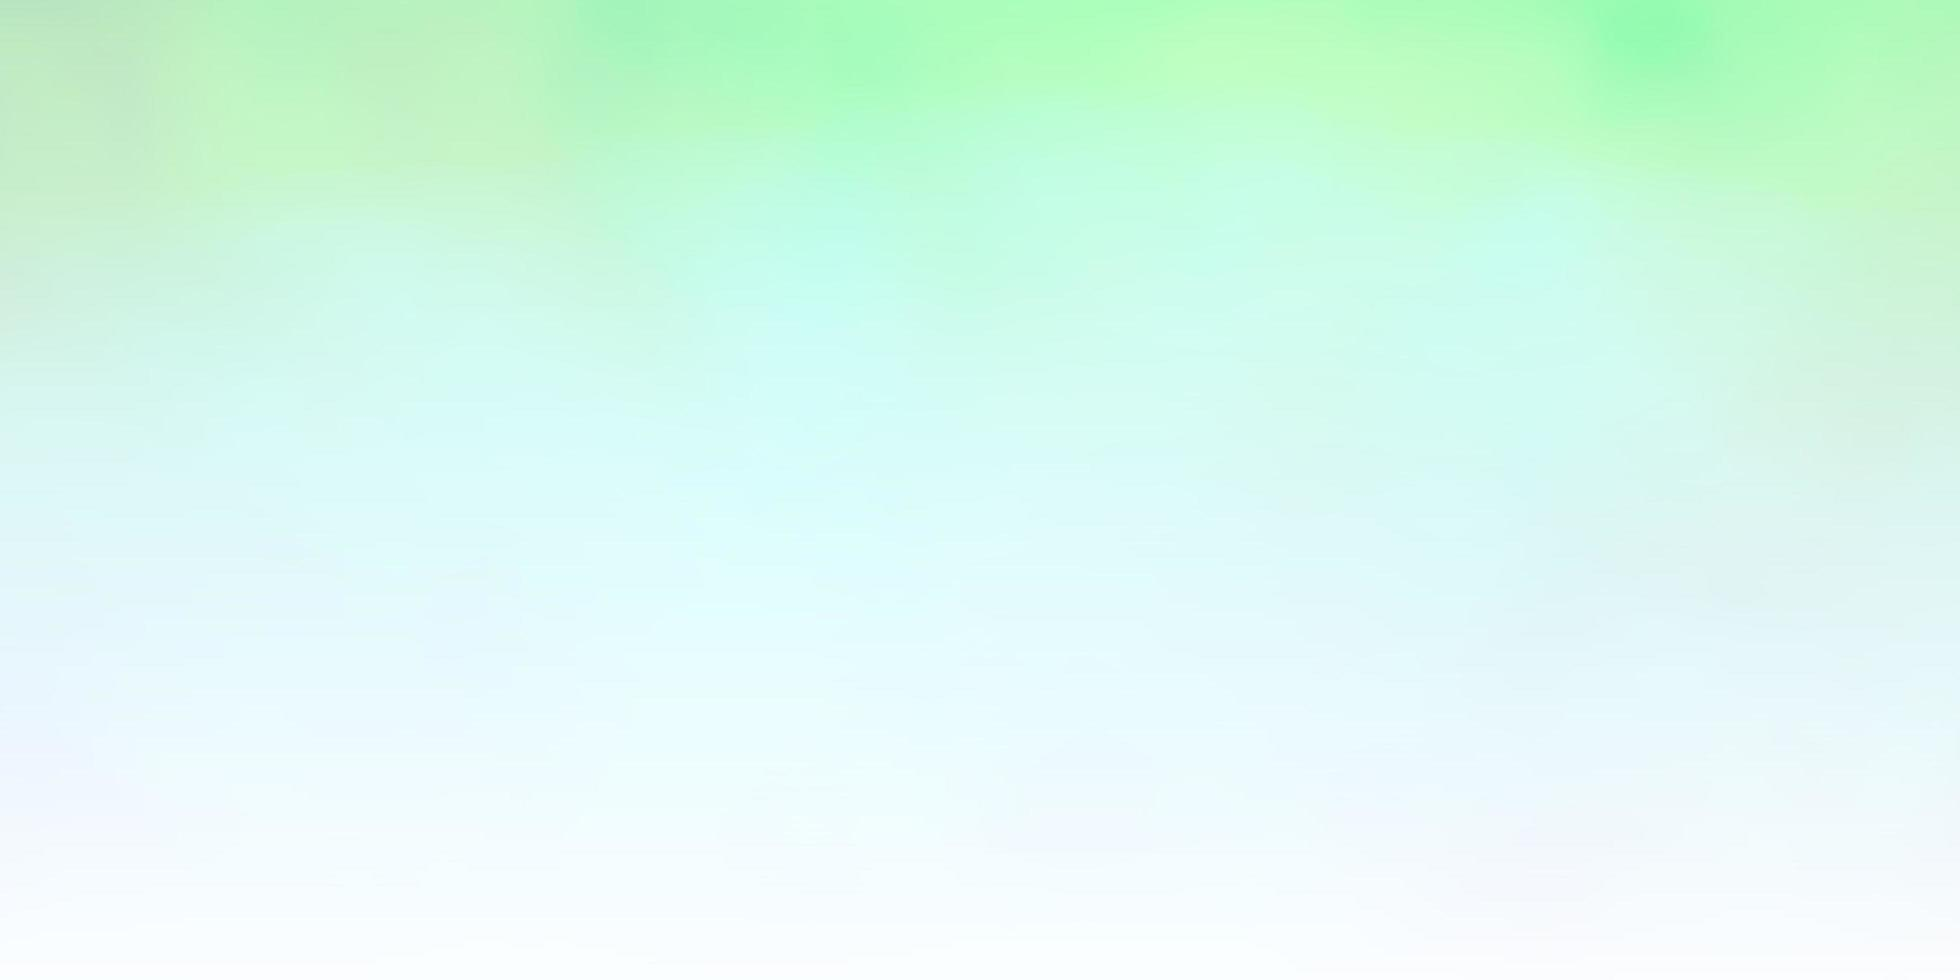 modèle vert clair avec ciel, nuages. vecteur